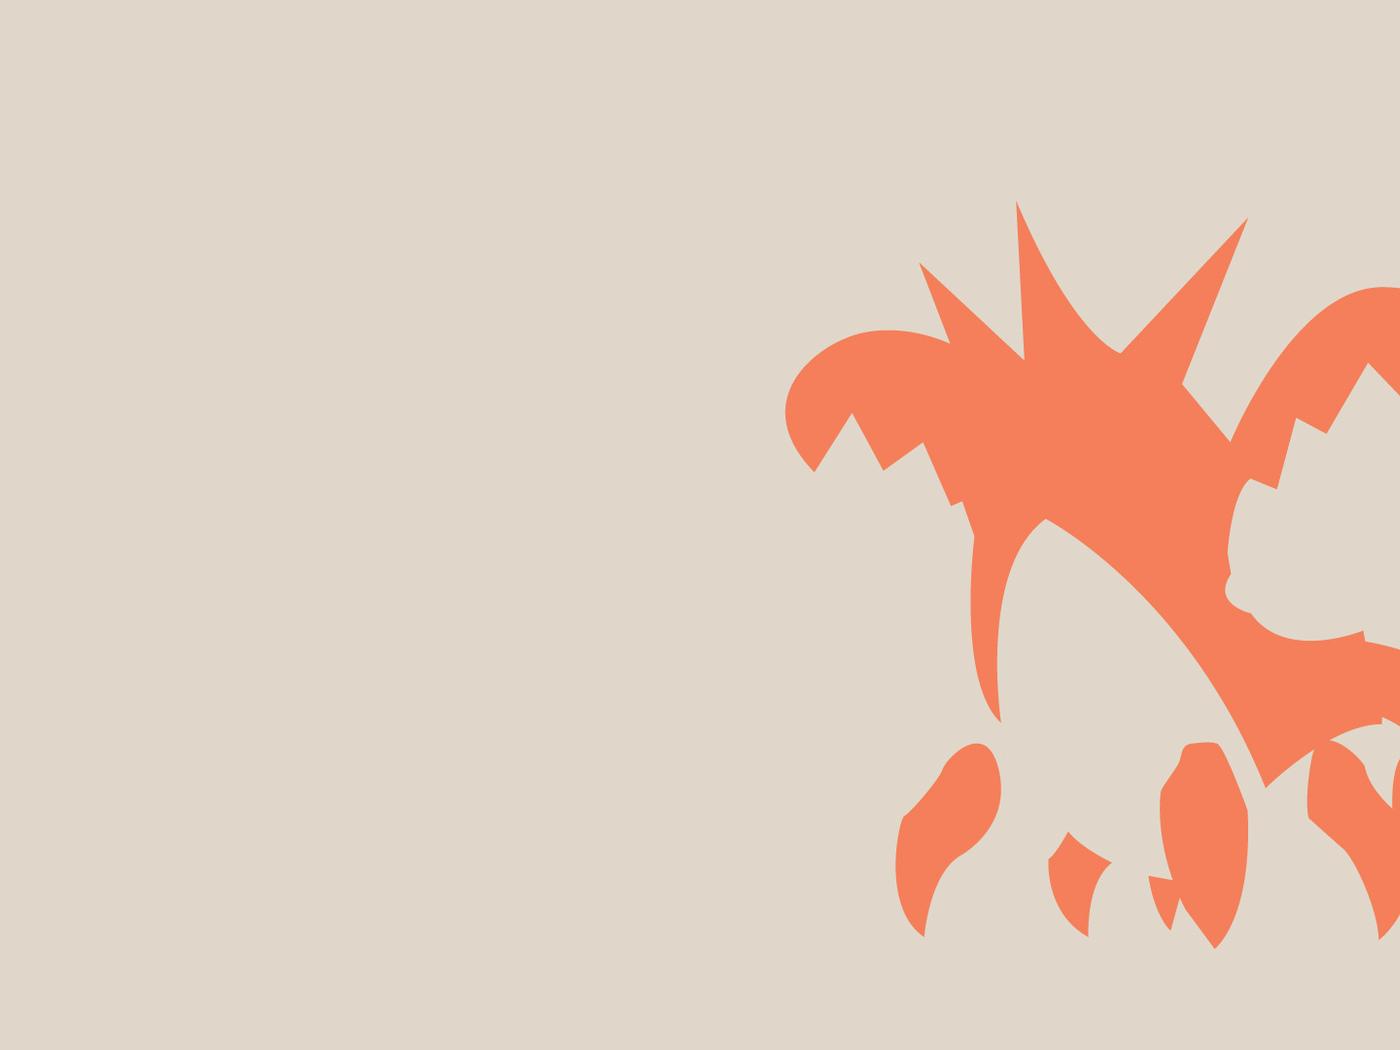 corphish, pokemon